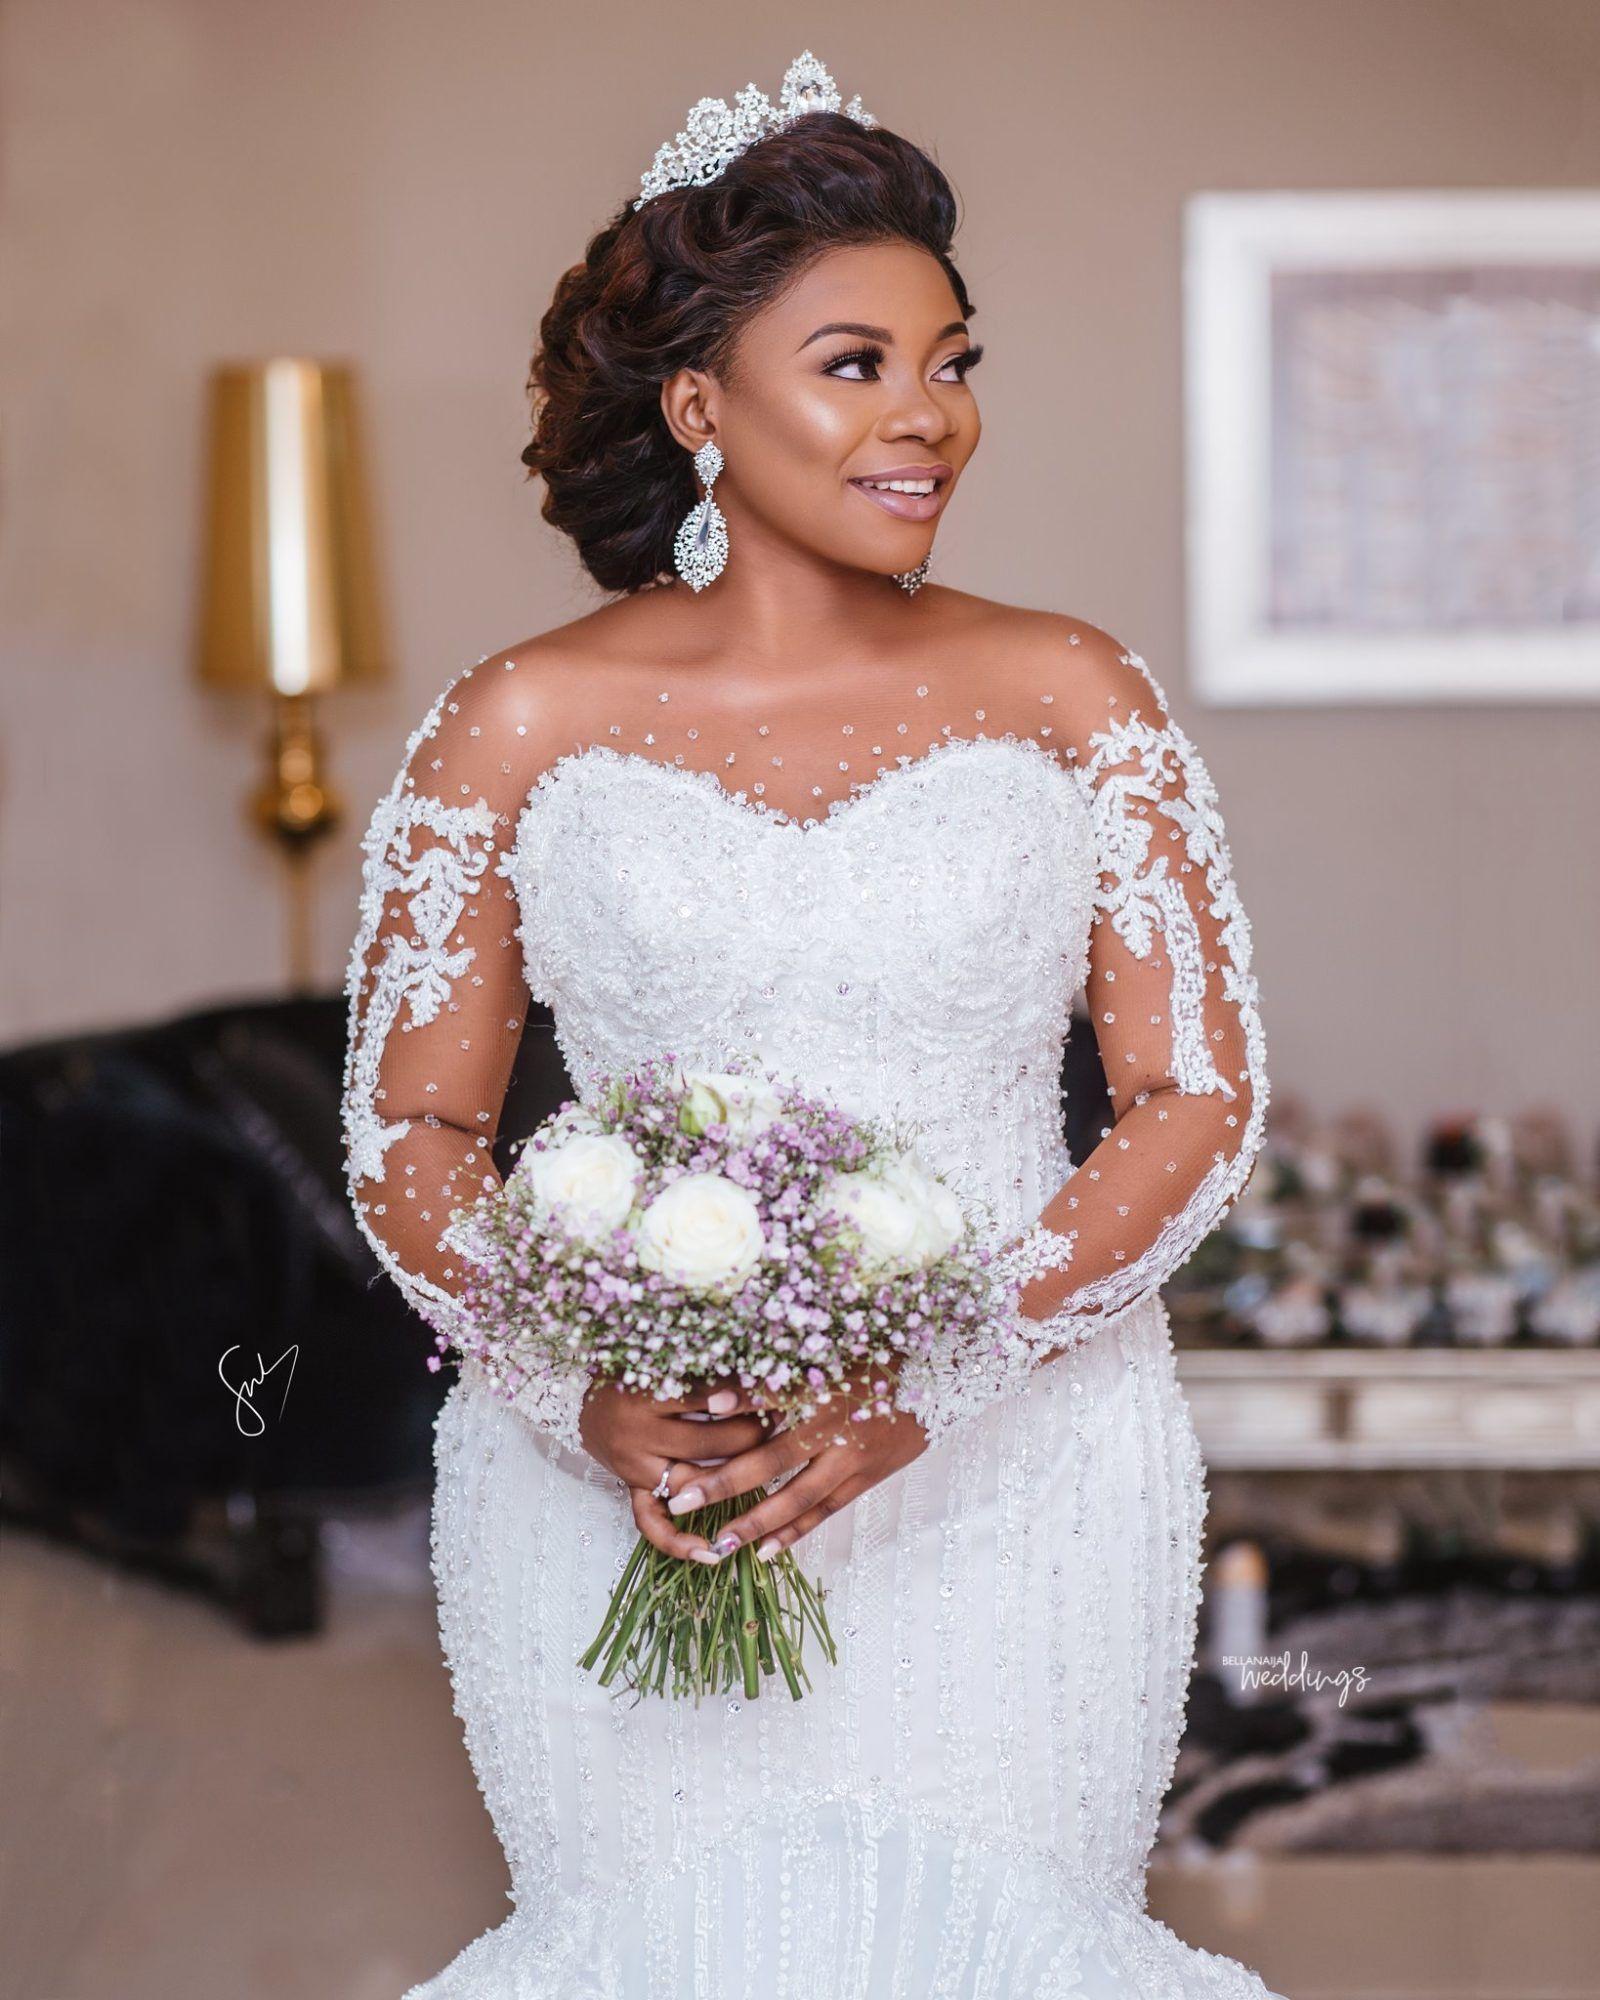 Loretta And Josh's White Wedding In Ghana Will Captivate